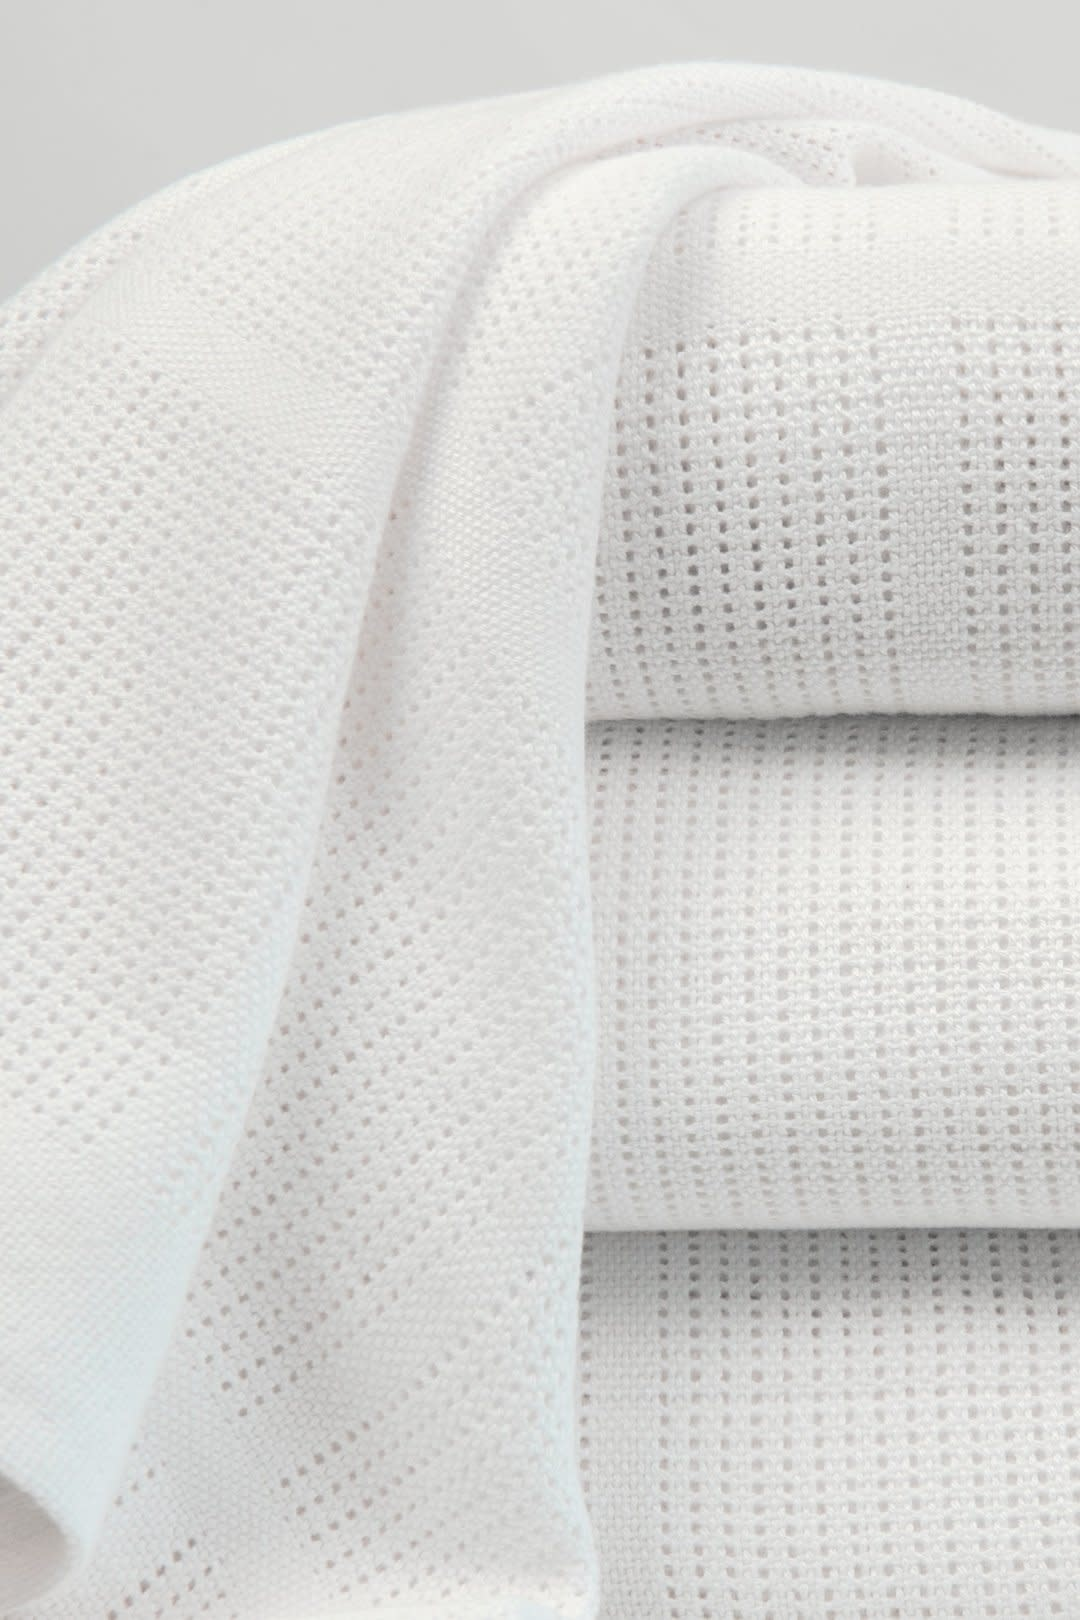 Little Bamboo Little Bamboo Cellular Blanket Bassinet - 100 x 75cm